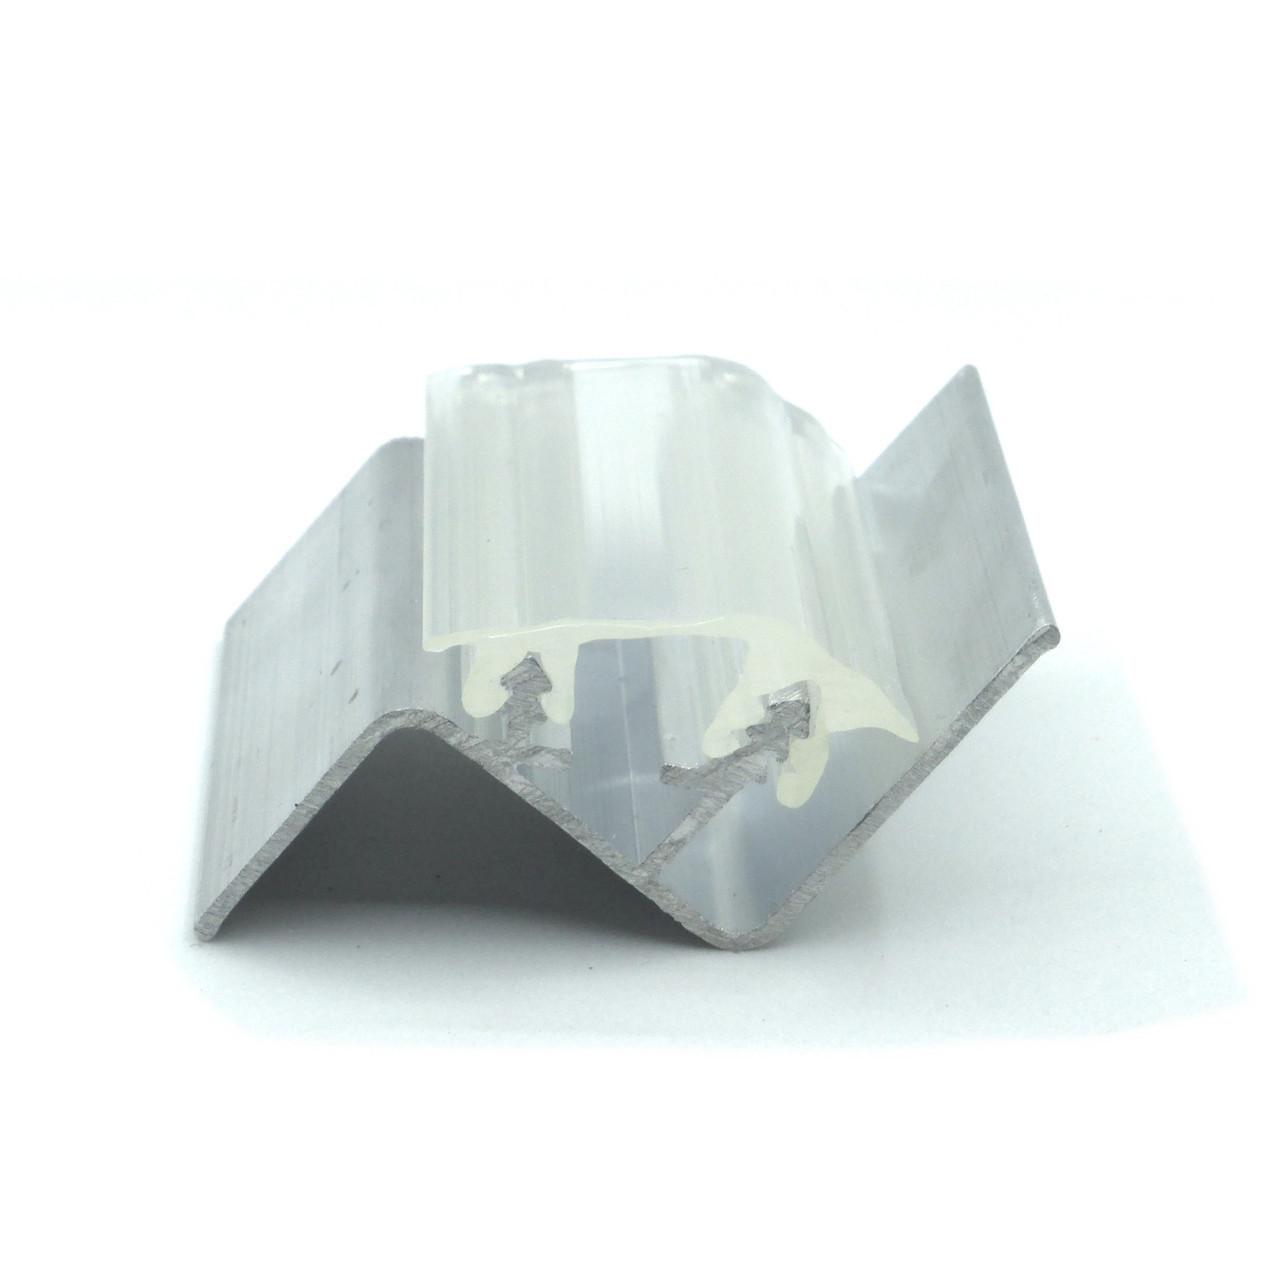 Профиль алюминиевый - парящий, со вставкой №1. Длина профиля 2 м.